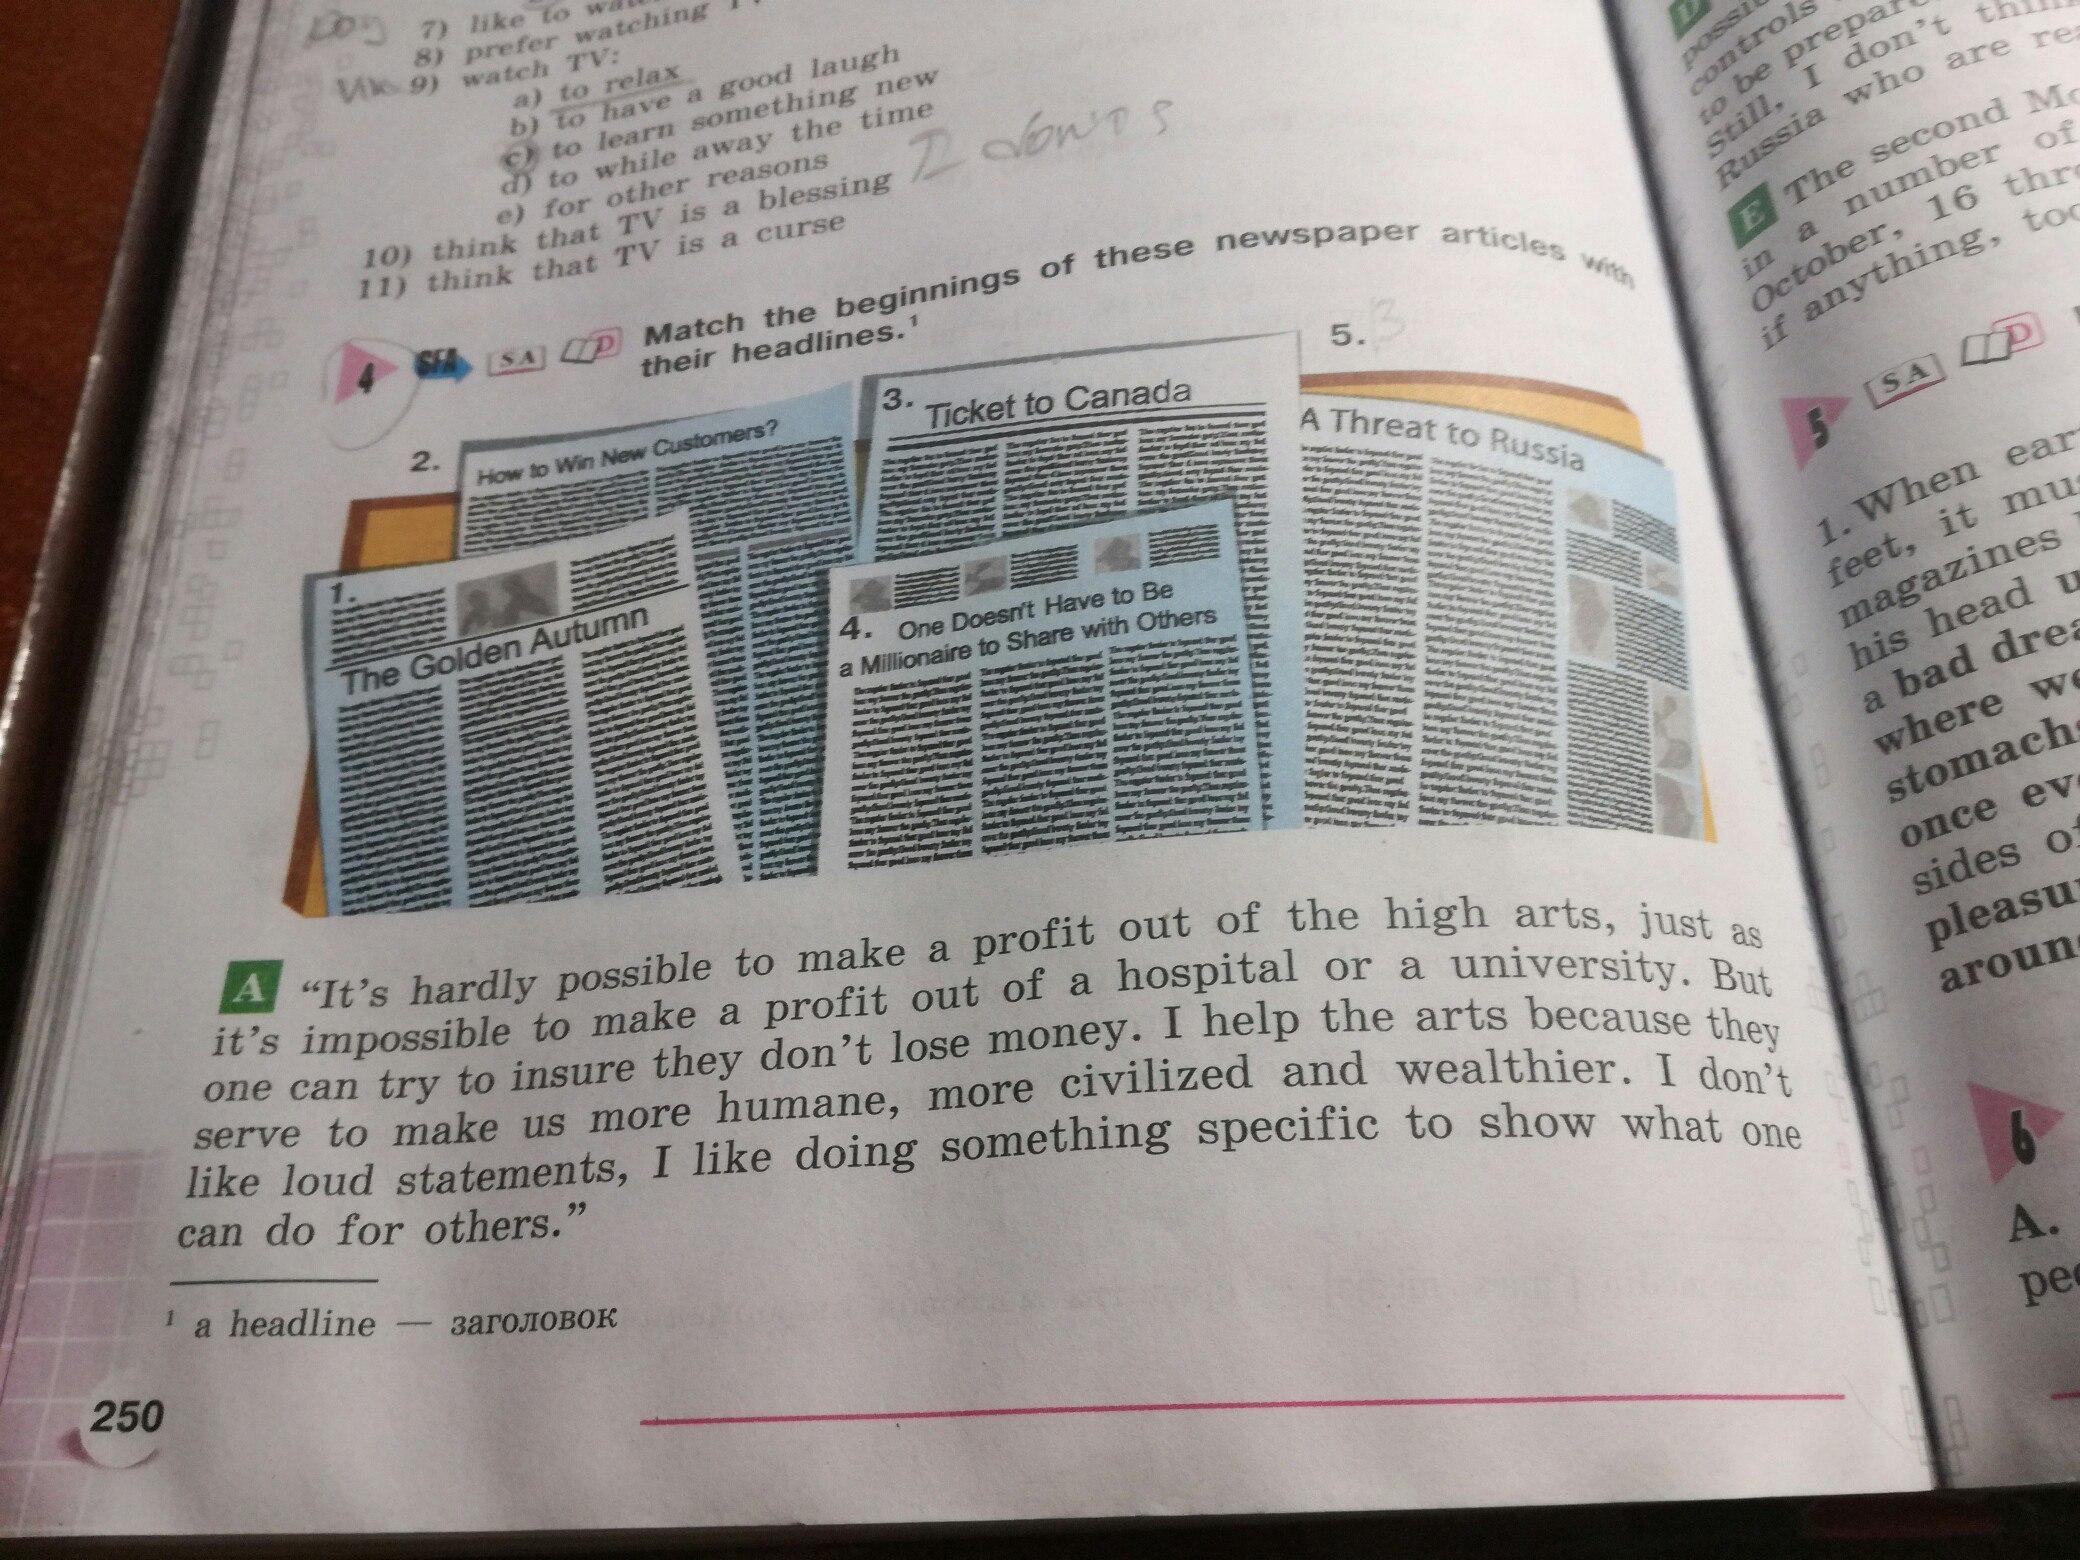 Люююююди пожалуйста можете помочь с заданием по английскому 8 класс. Я просто немного не понимаю, но оочень важно...